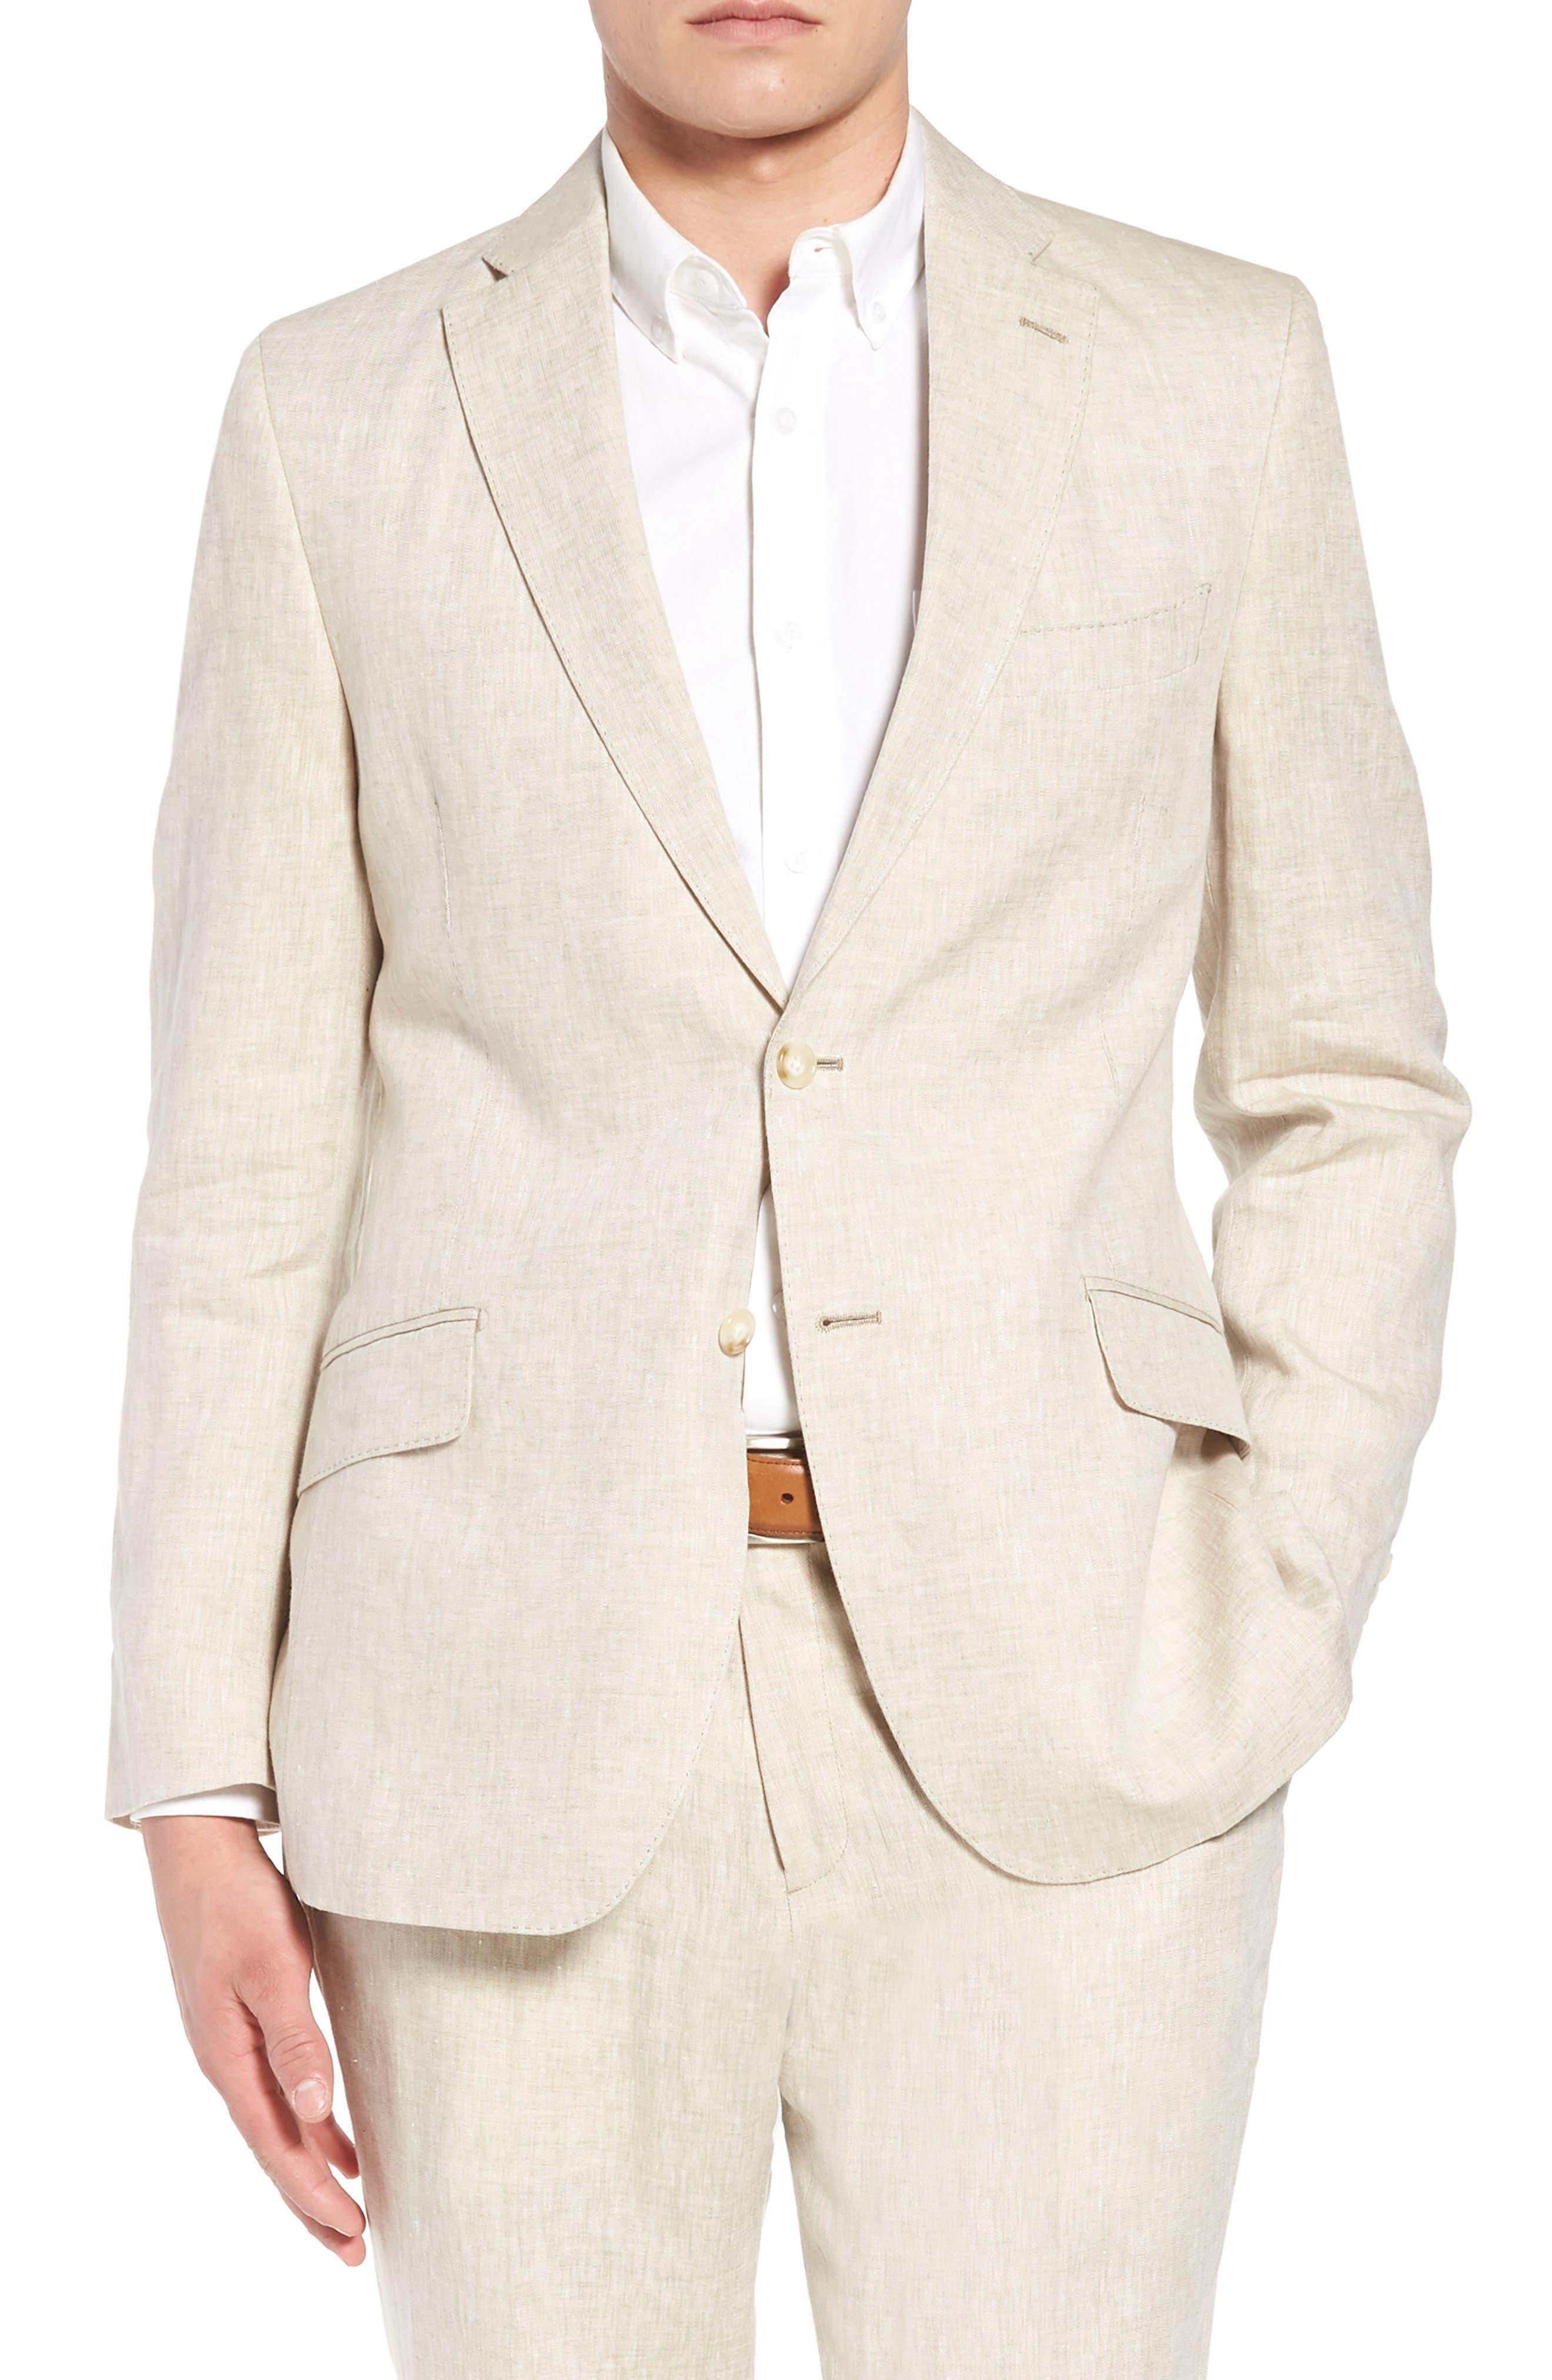 Jack AIM Classic Fit Linen Blazer,                             Main thumbnail 1, color,                             Natural